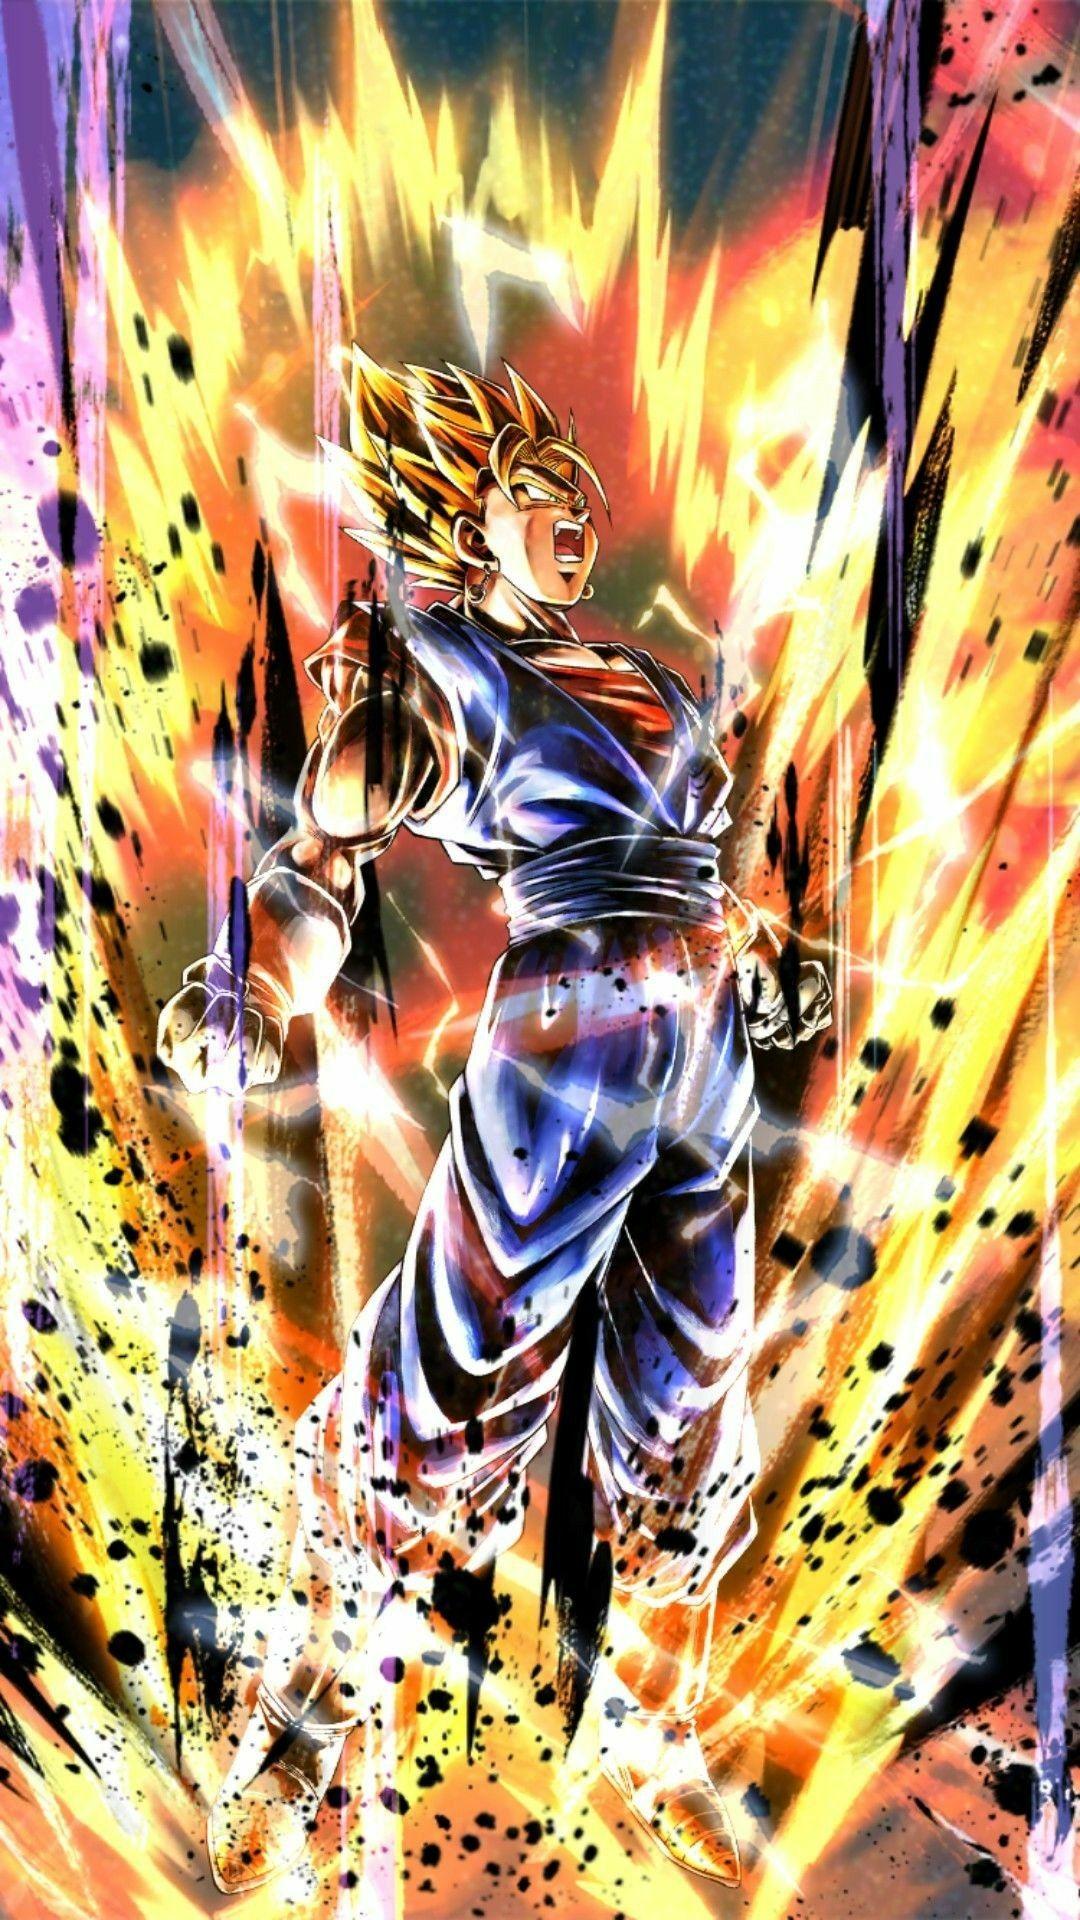 Image Fond D Ecran Dragon Ball Super